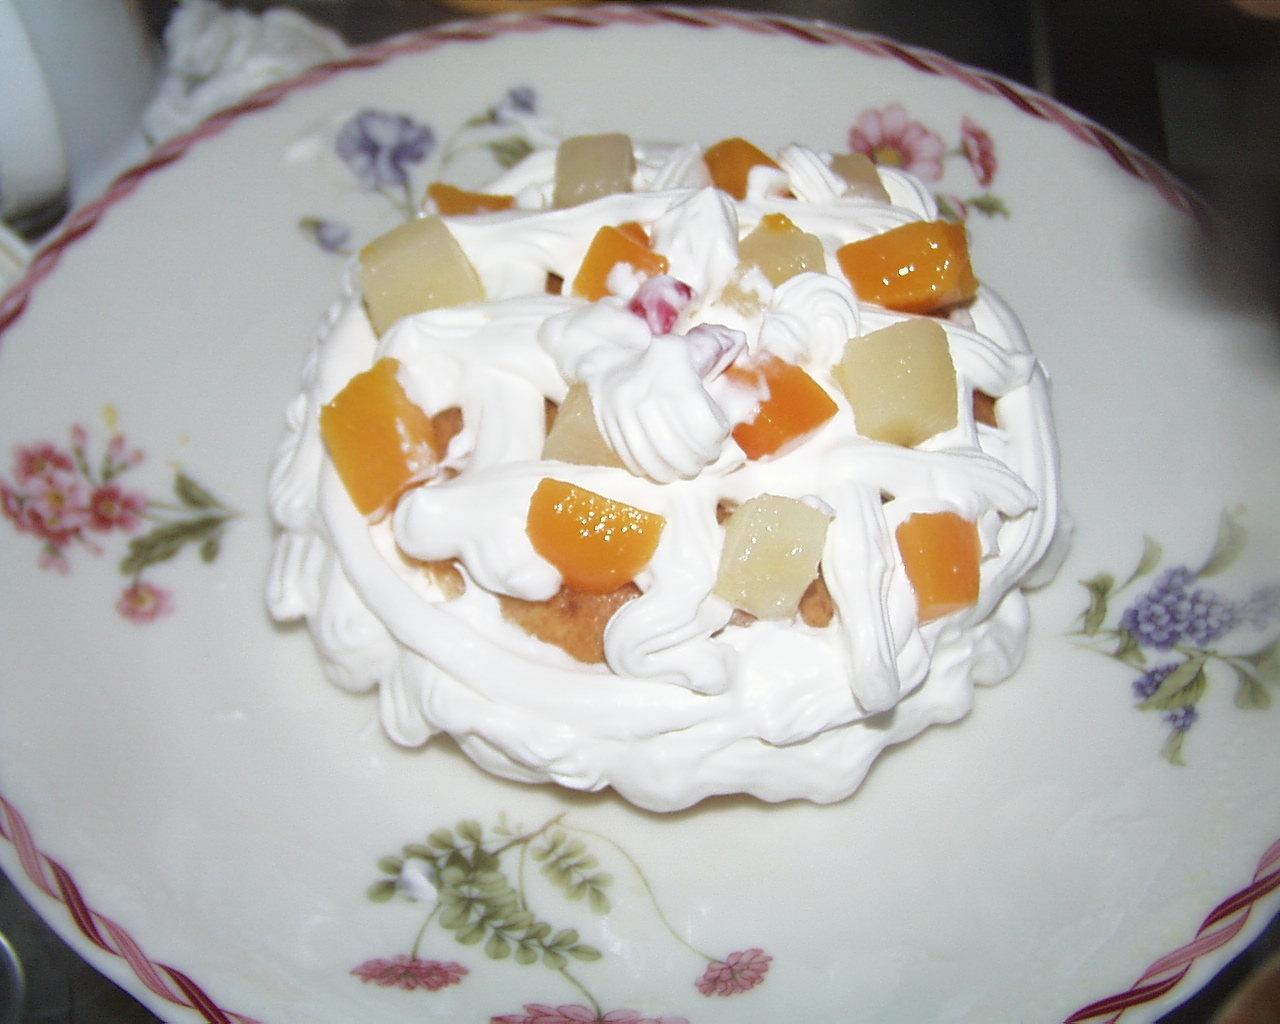 洋なし、黄もも、パイナップルホイップクリームケーキ